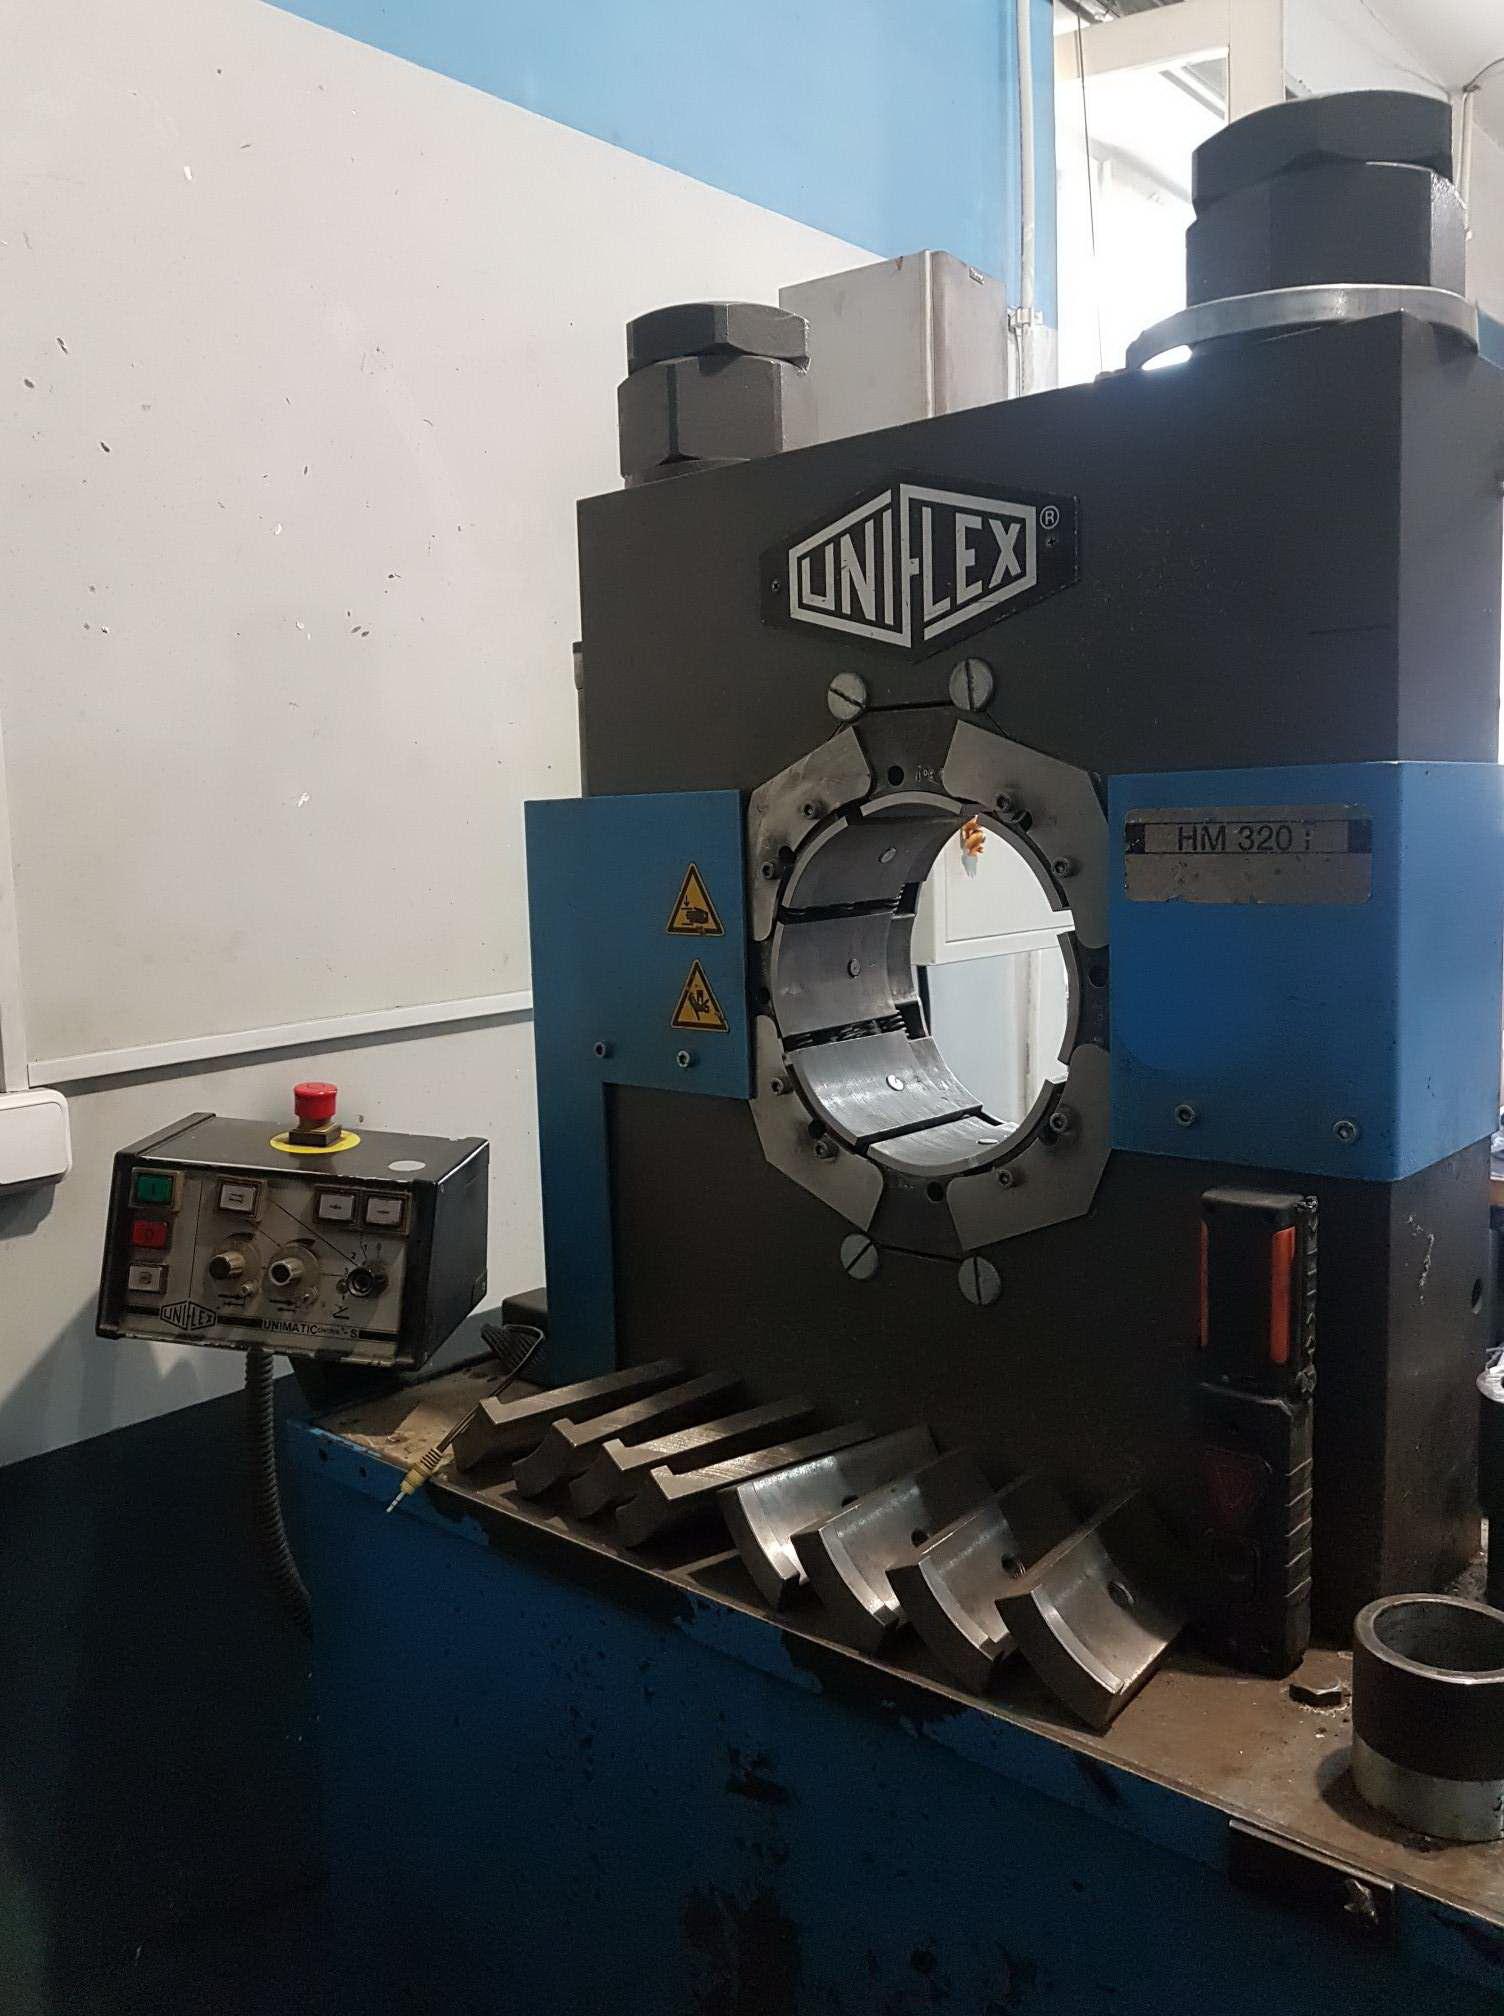 Uniflex пресс для обжатия пневмобаллонов, рукавов, оборудование для опрессовки пневмобаллонов